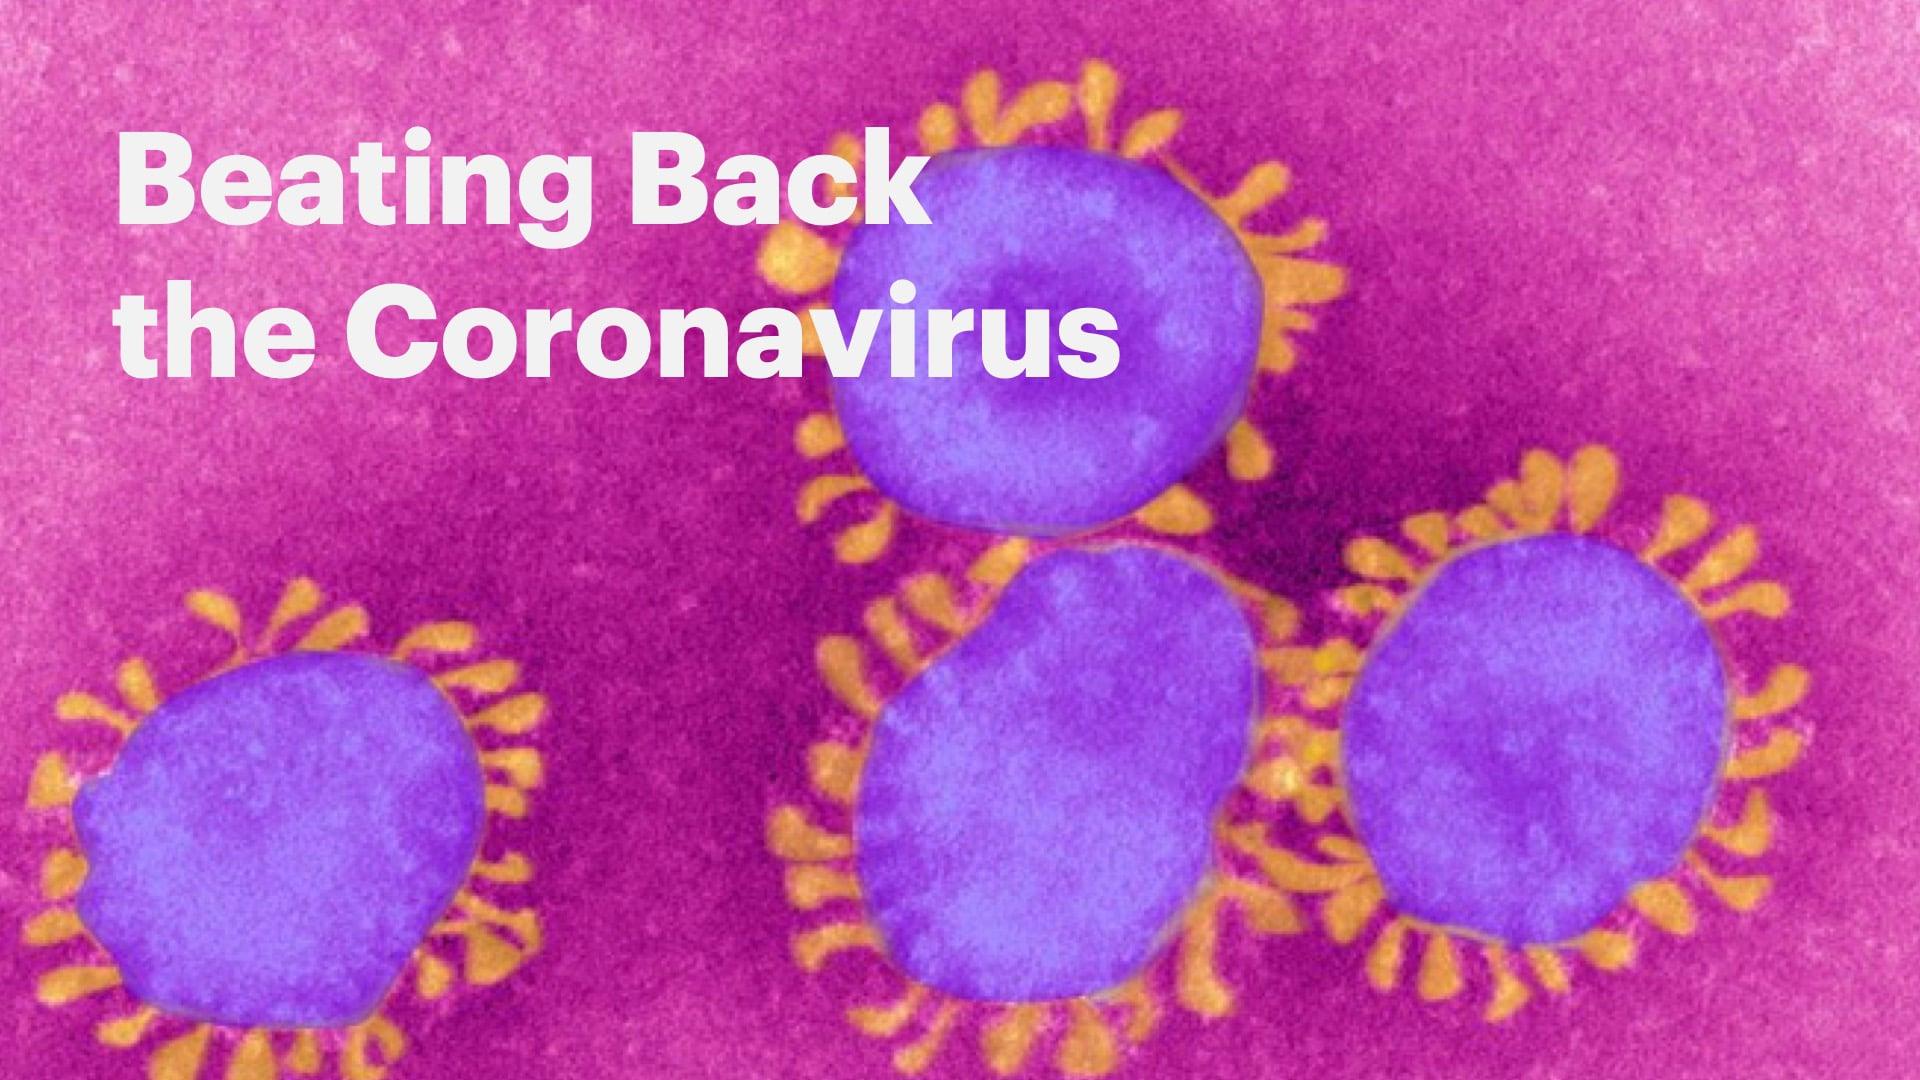 Beating Back the Coronavirus